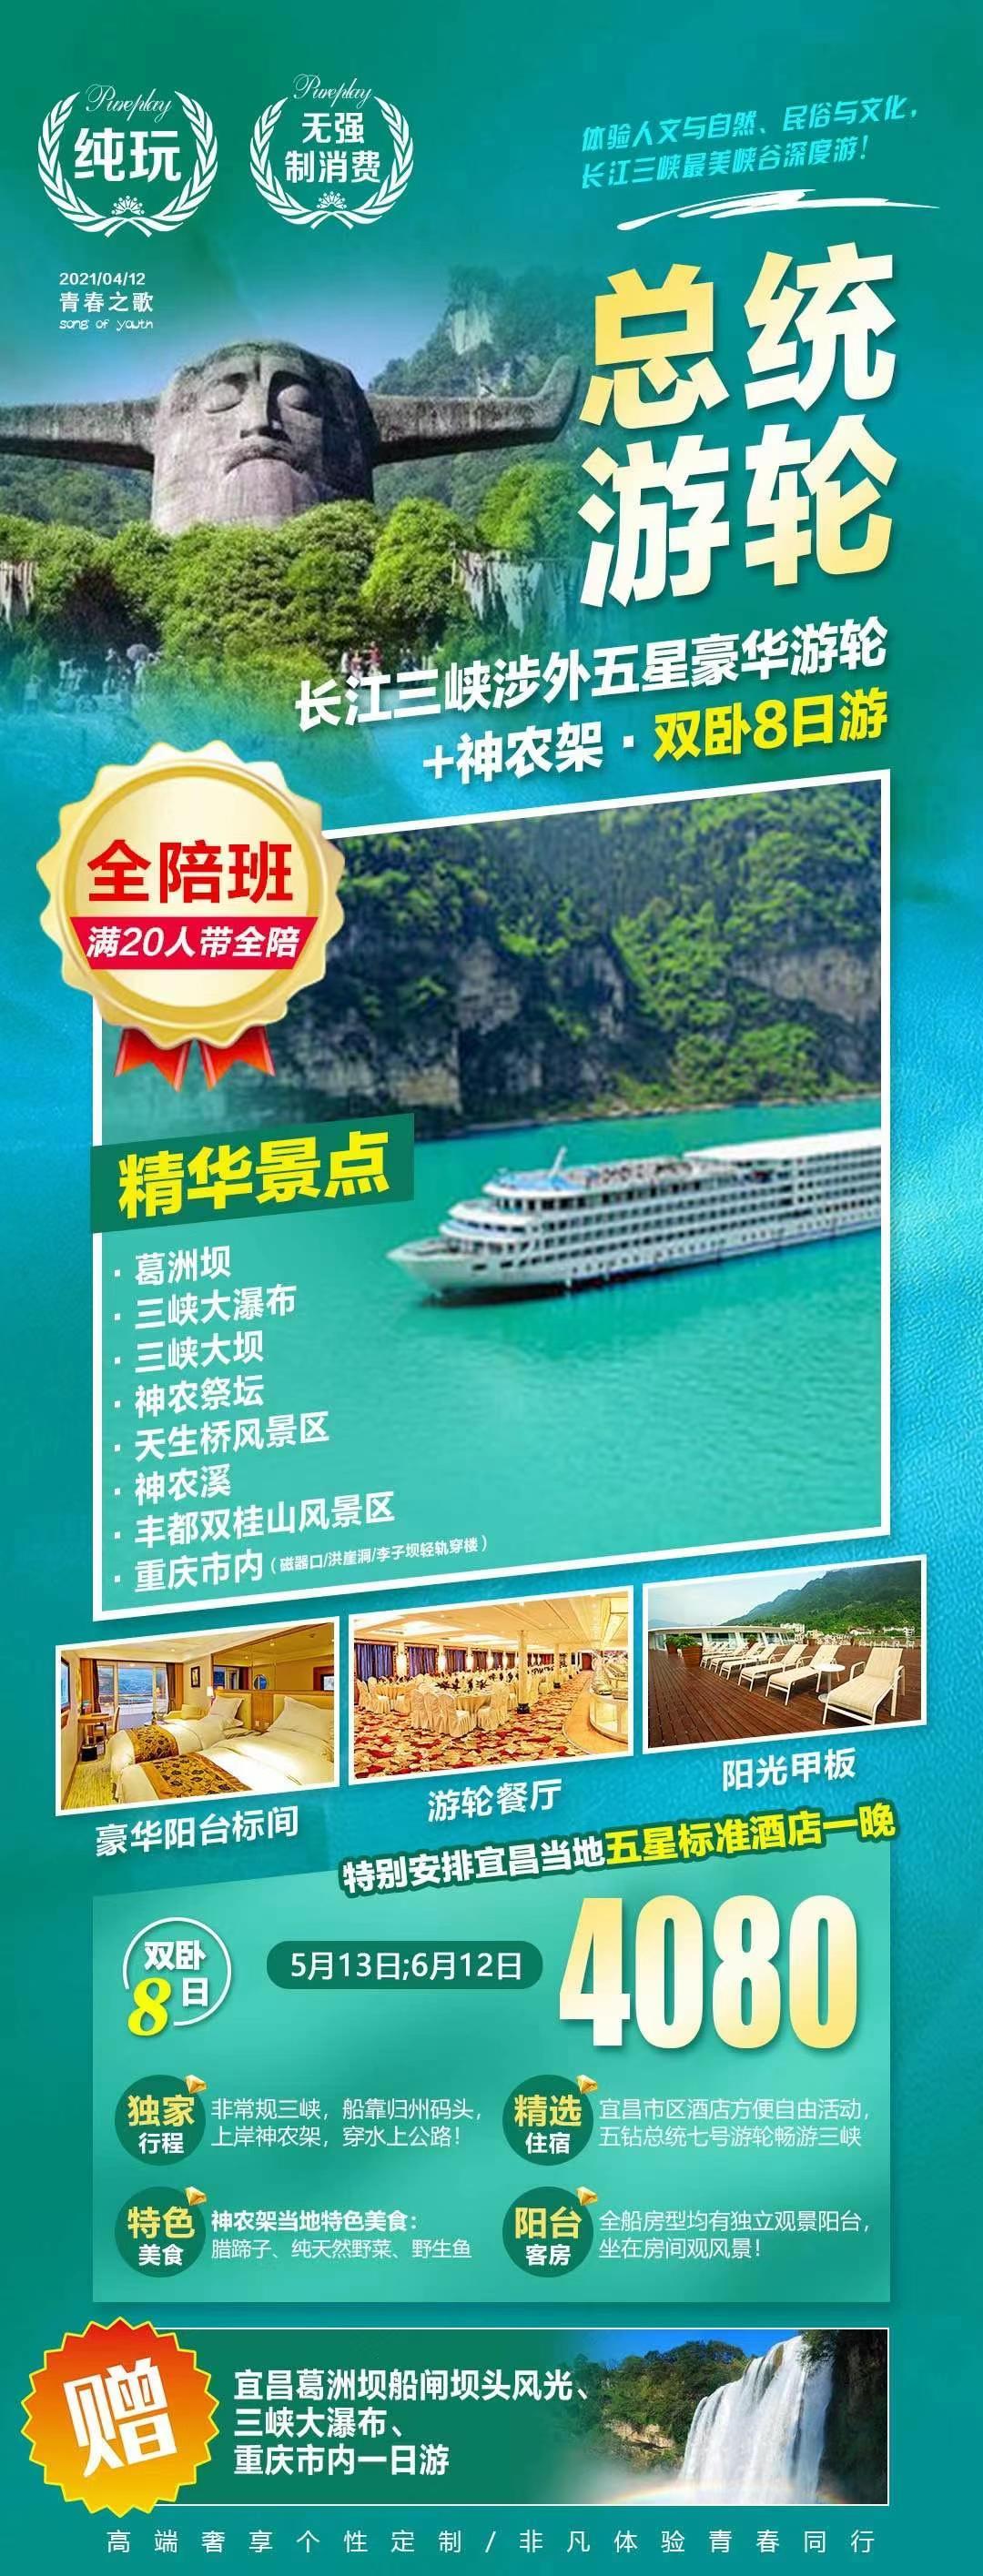 三峡总统游轮8日